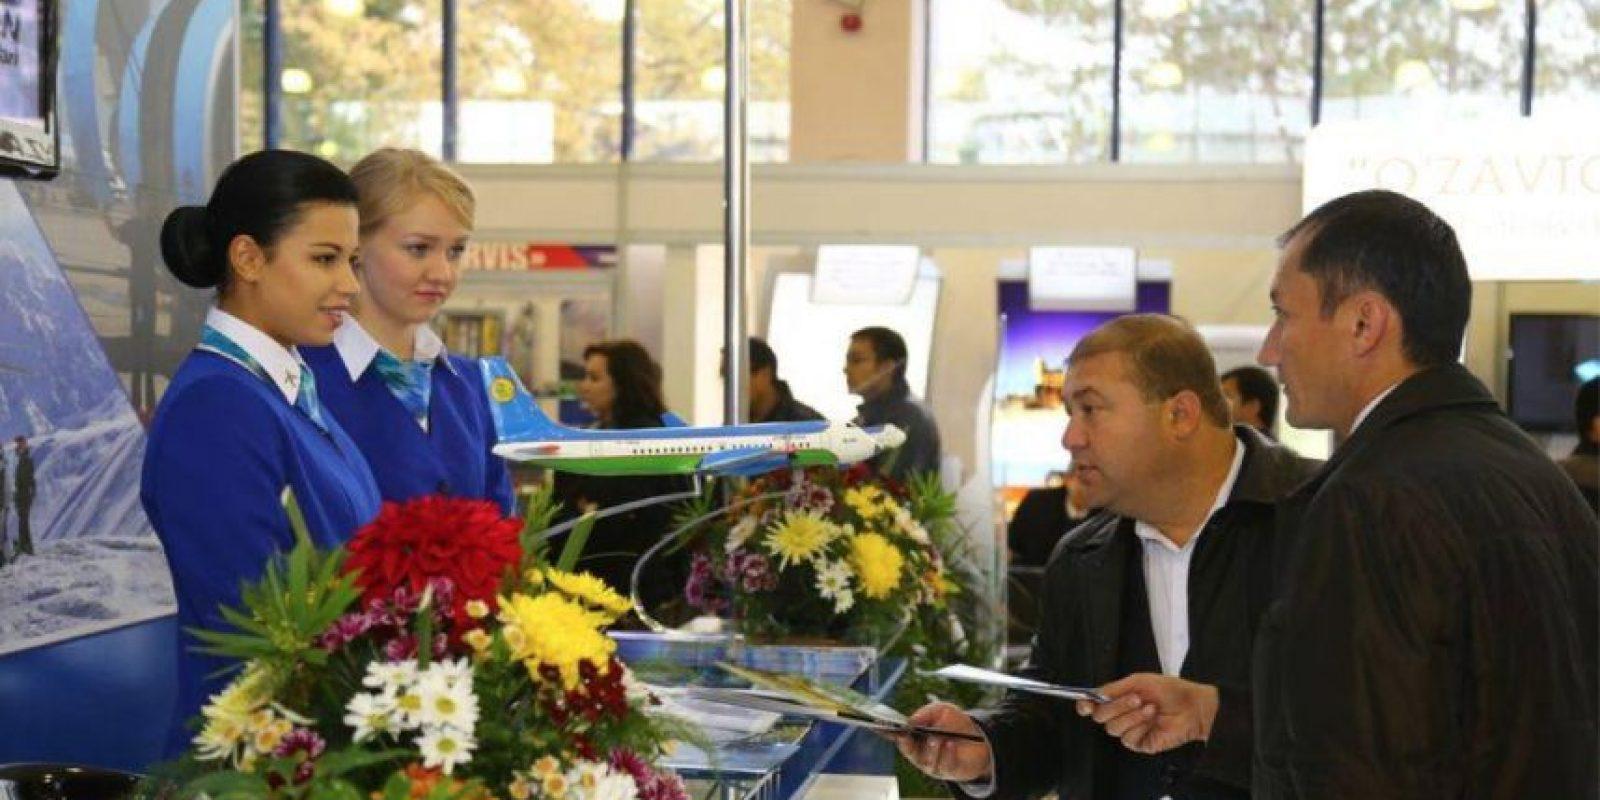 La aerolínea Uzbekistan Airways pesará a sus pasajeros como medida de seguridad. Foto:Vía facebook.com/Uzbekistan-Airways